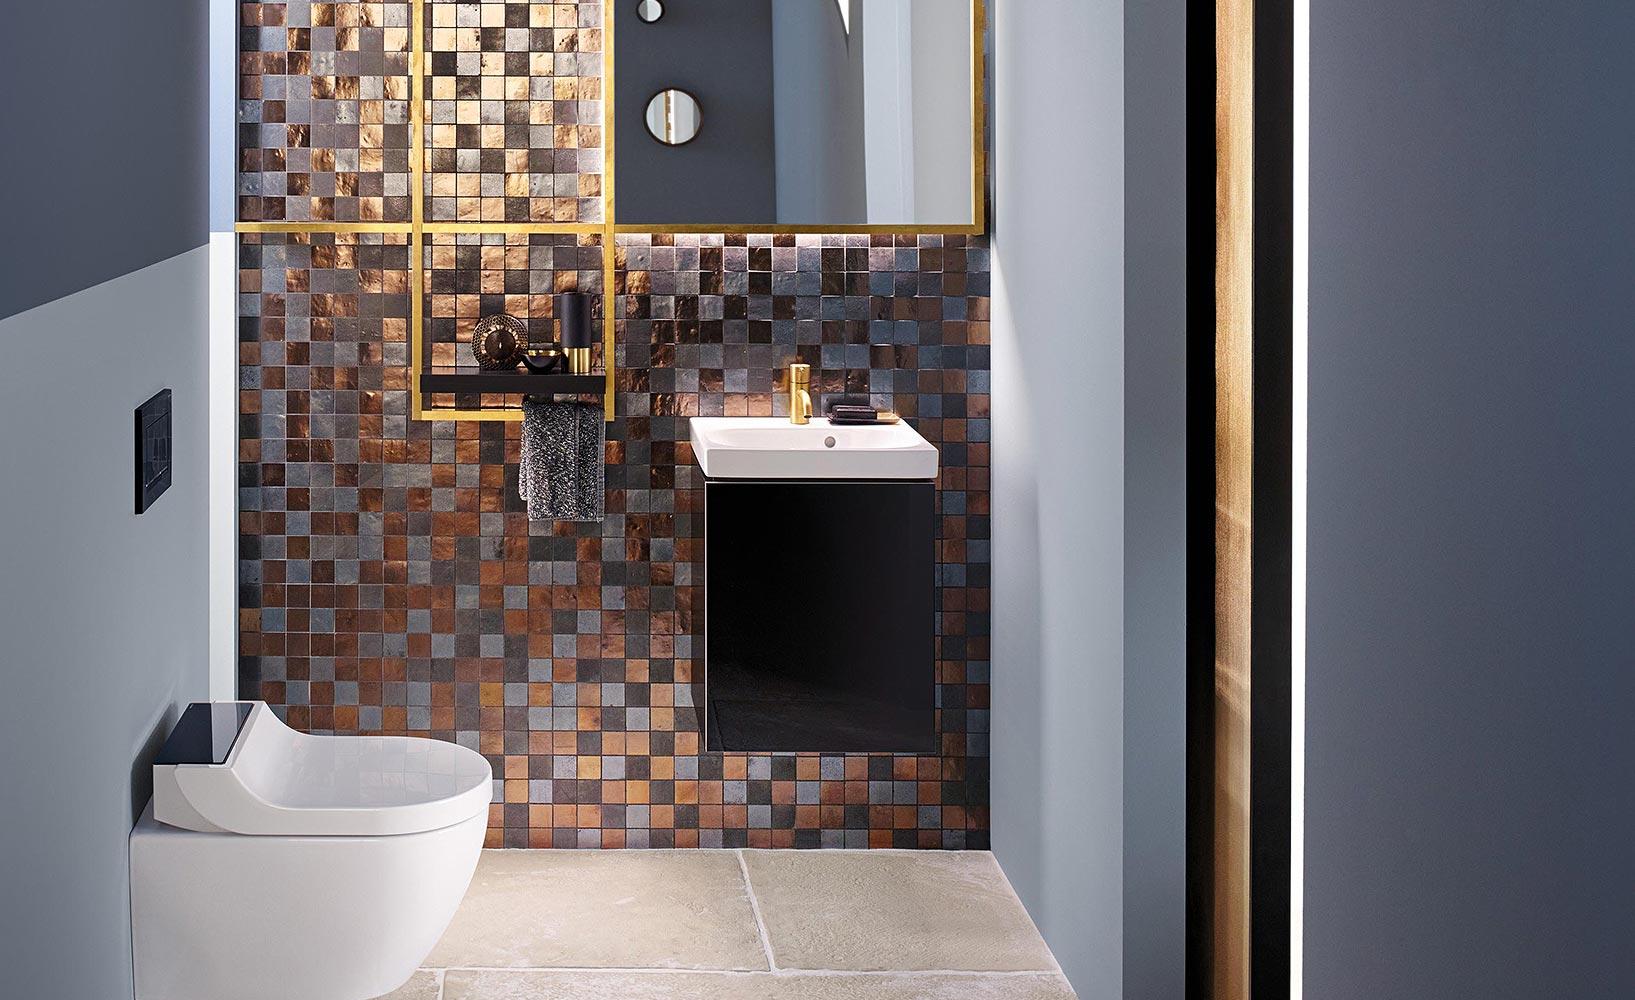 schicke ideen f r kleine badezimmer. Black Bedroom Furniture Sets. Home Design Ideas